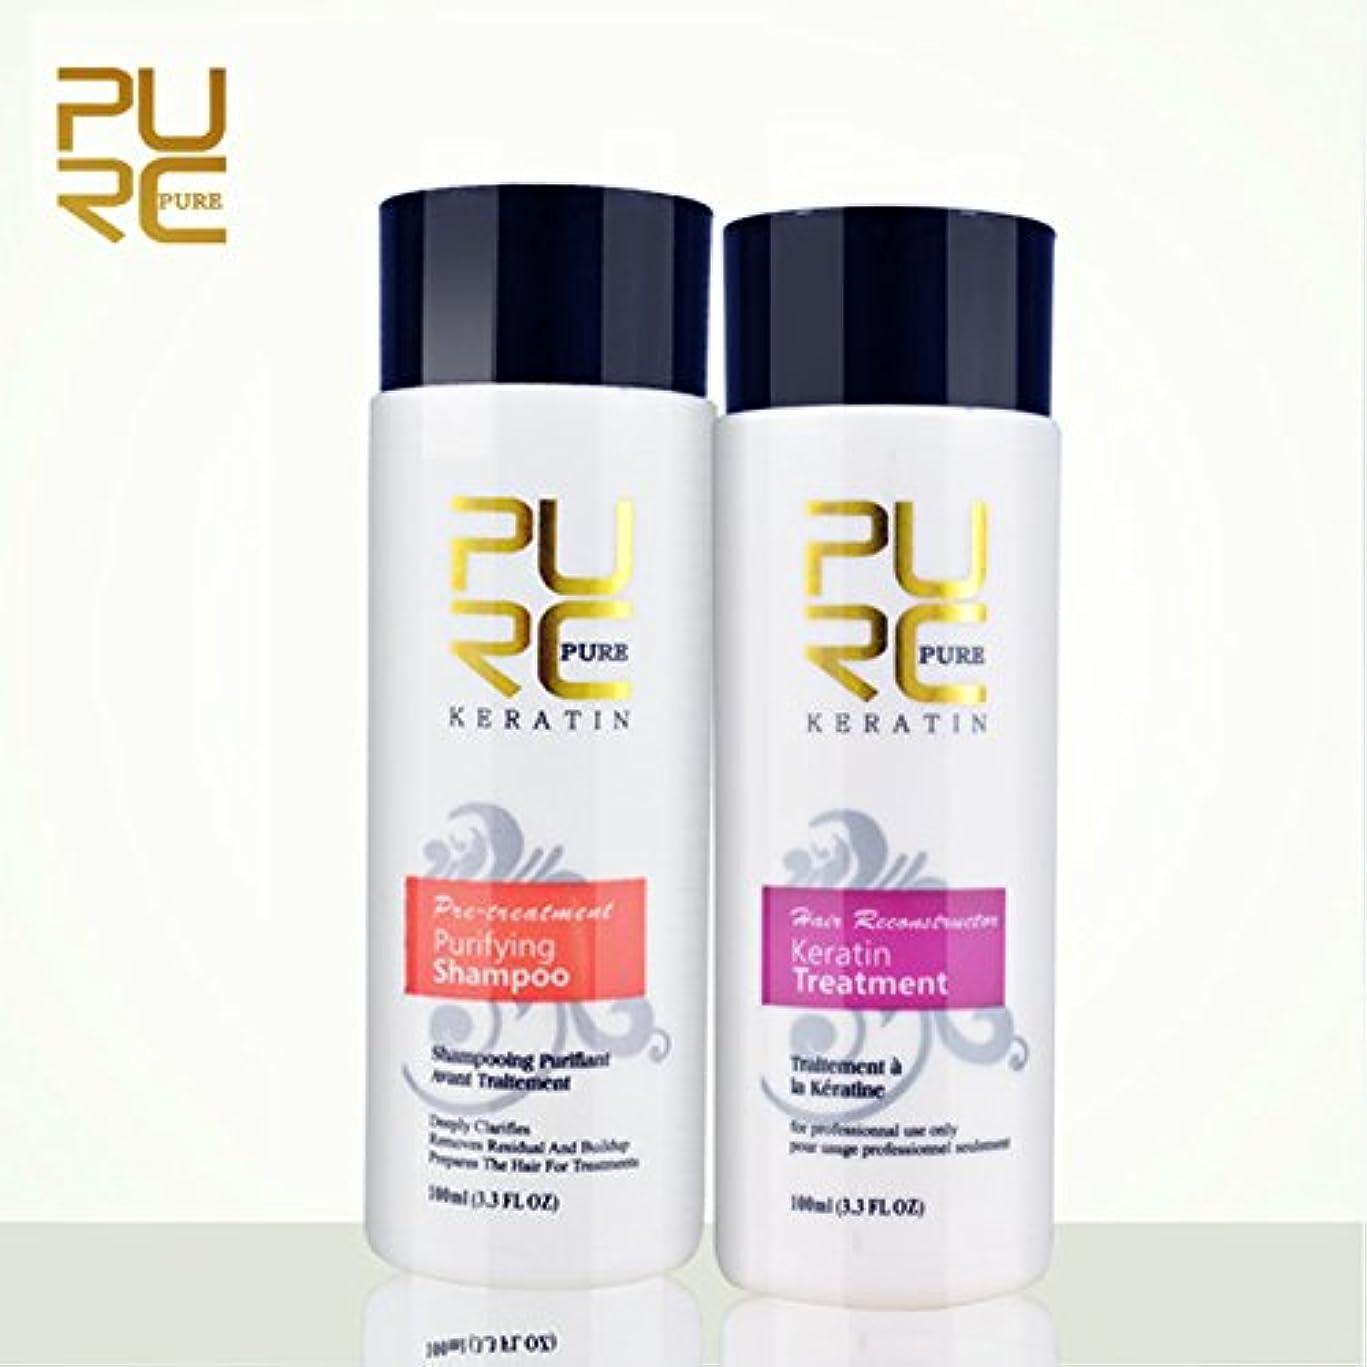 ましい知る壮大SET of 2 - PURE Straightening hair Repair and straighten damage hair products Brazilian keratin treatment + purifying...